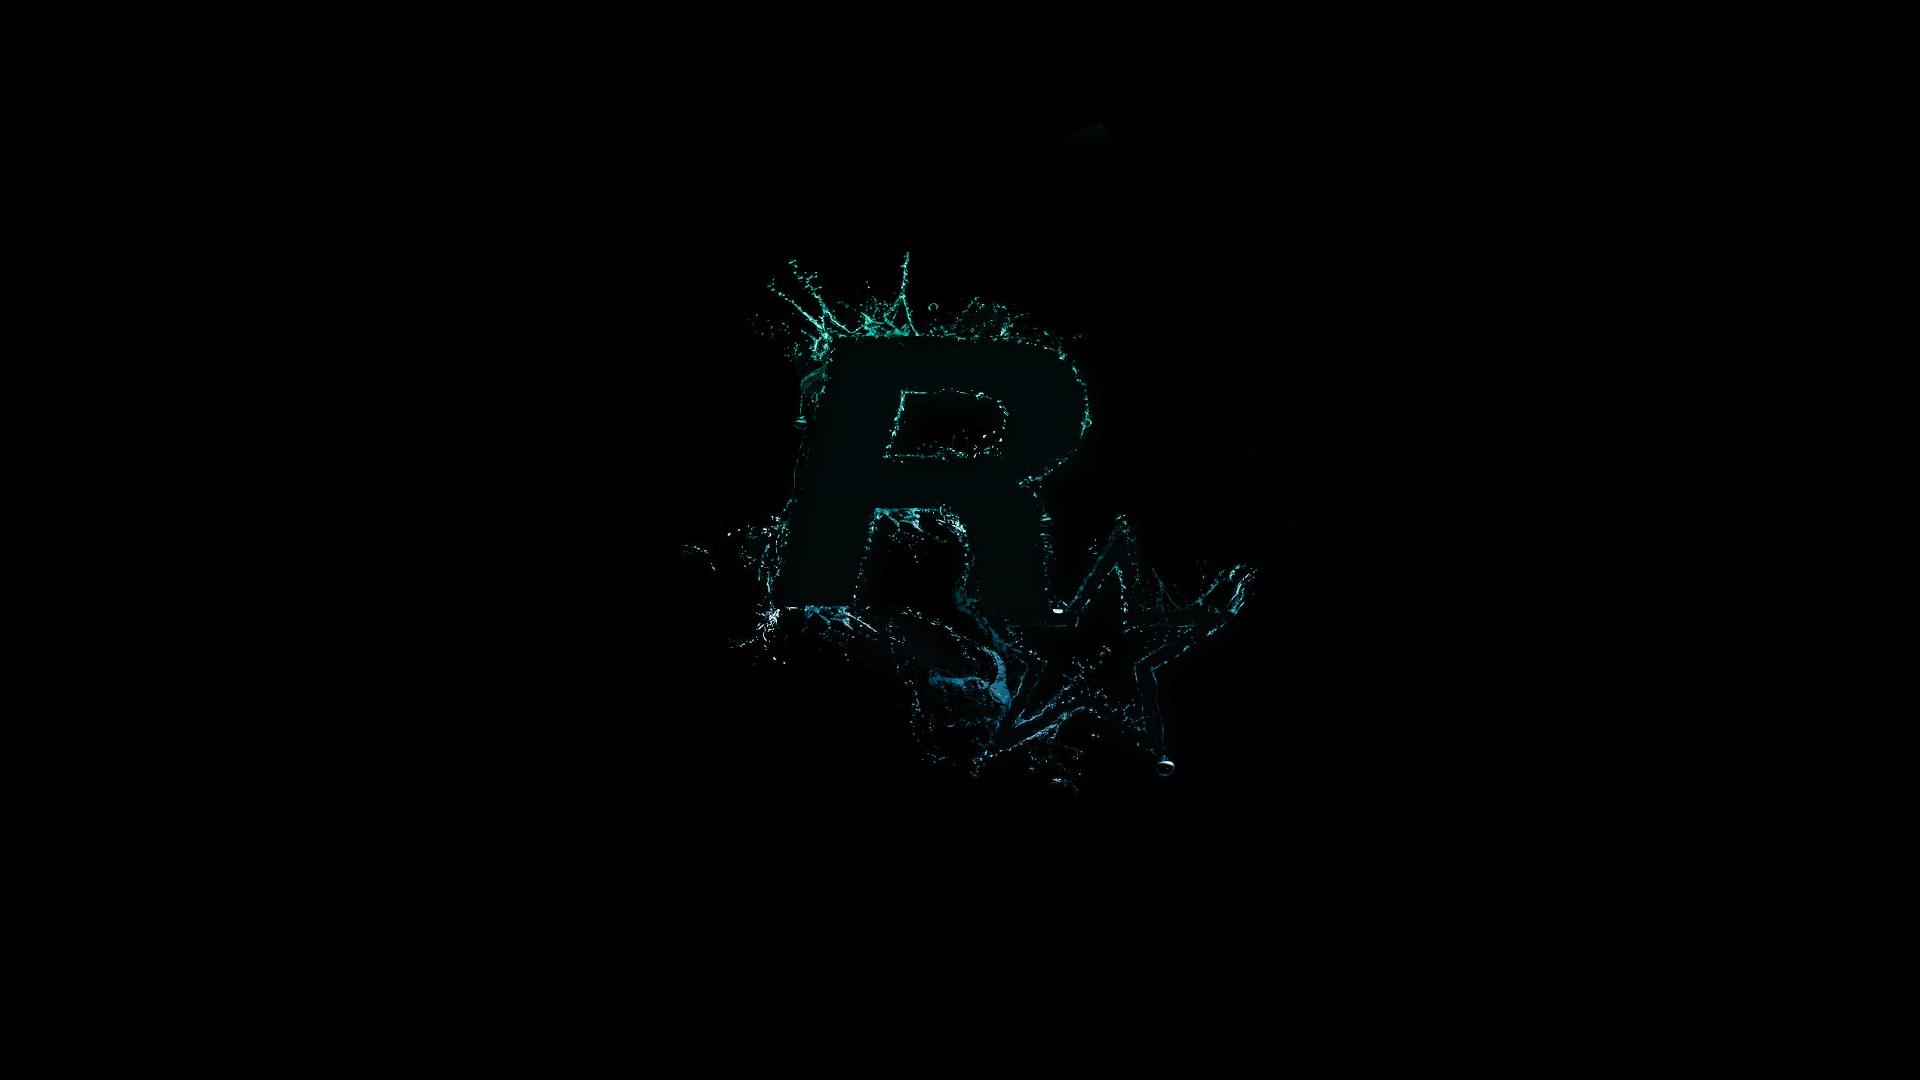 Ipad Retina Hd Wallpaper Rockstar Games: Rockstar Games Wallpaper